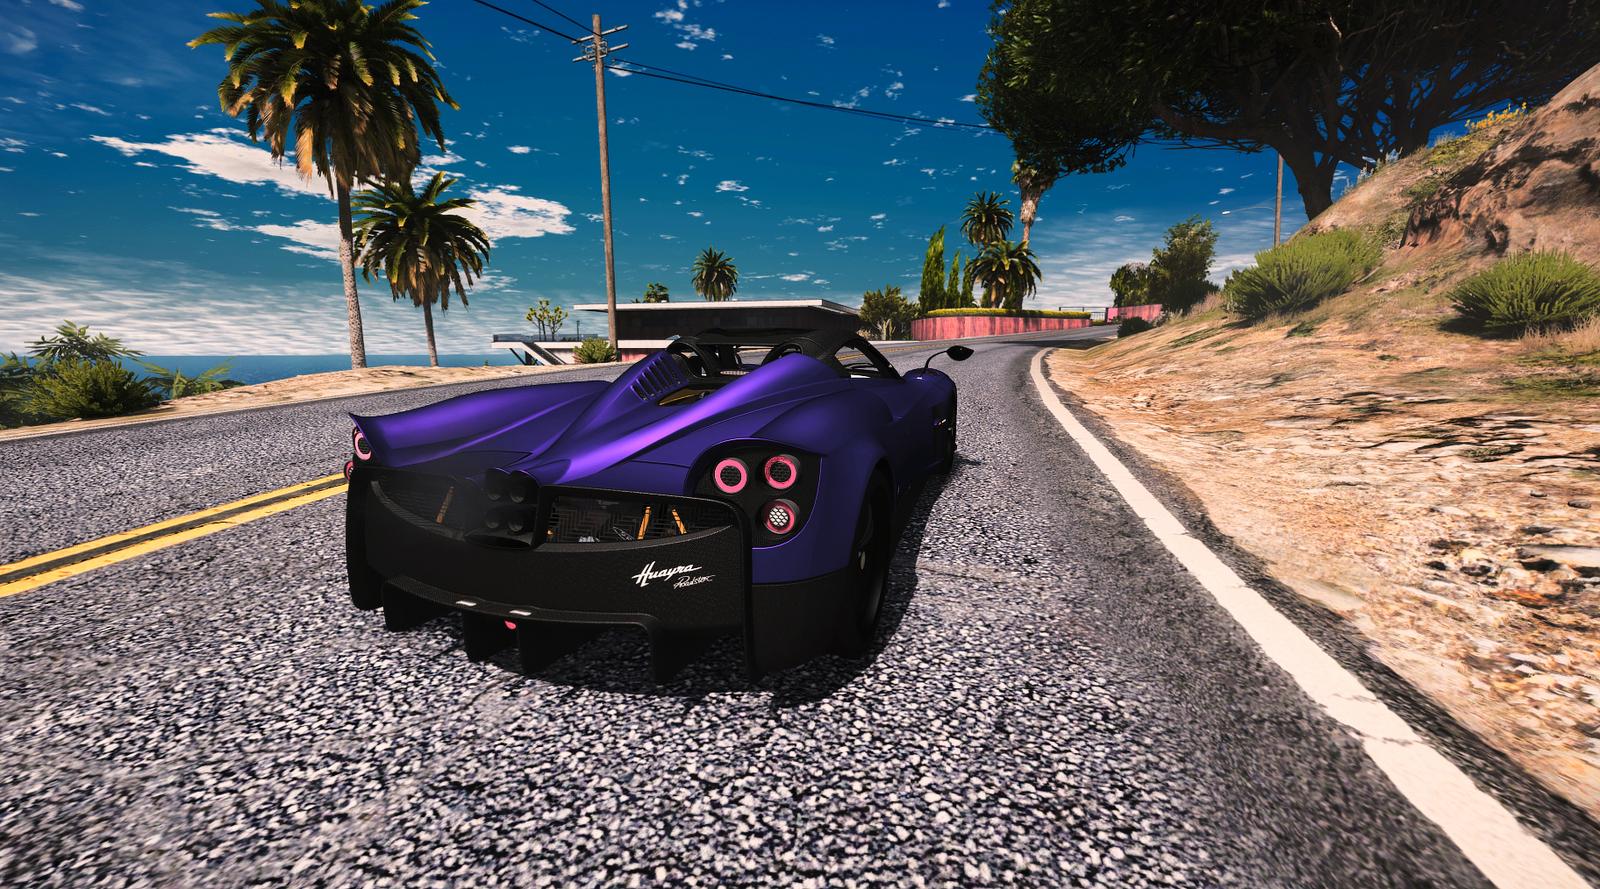 Харли Квинн в Grand Theft Auto 5  Vice City Reshade